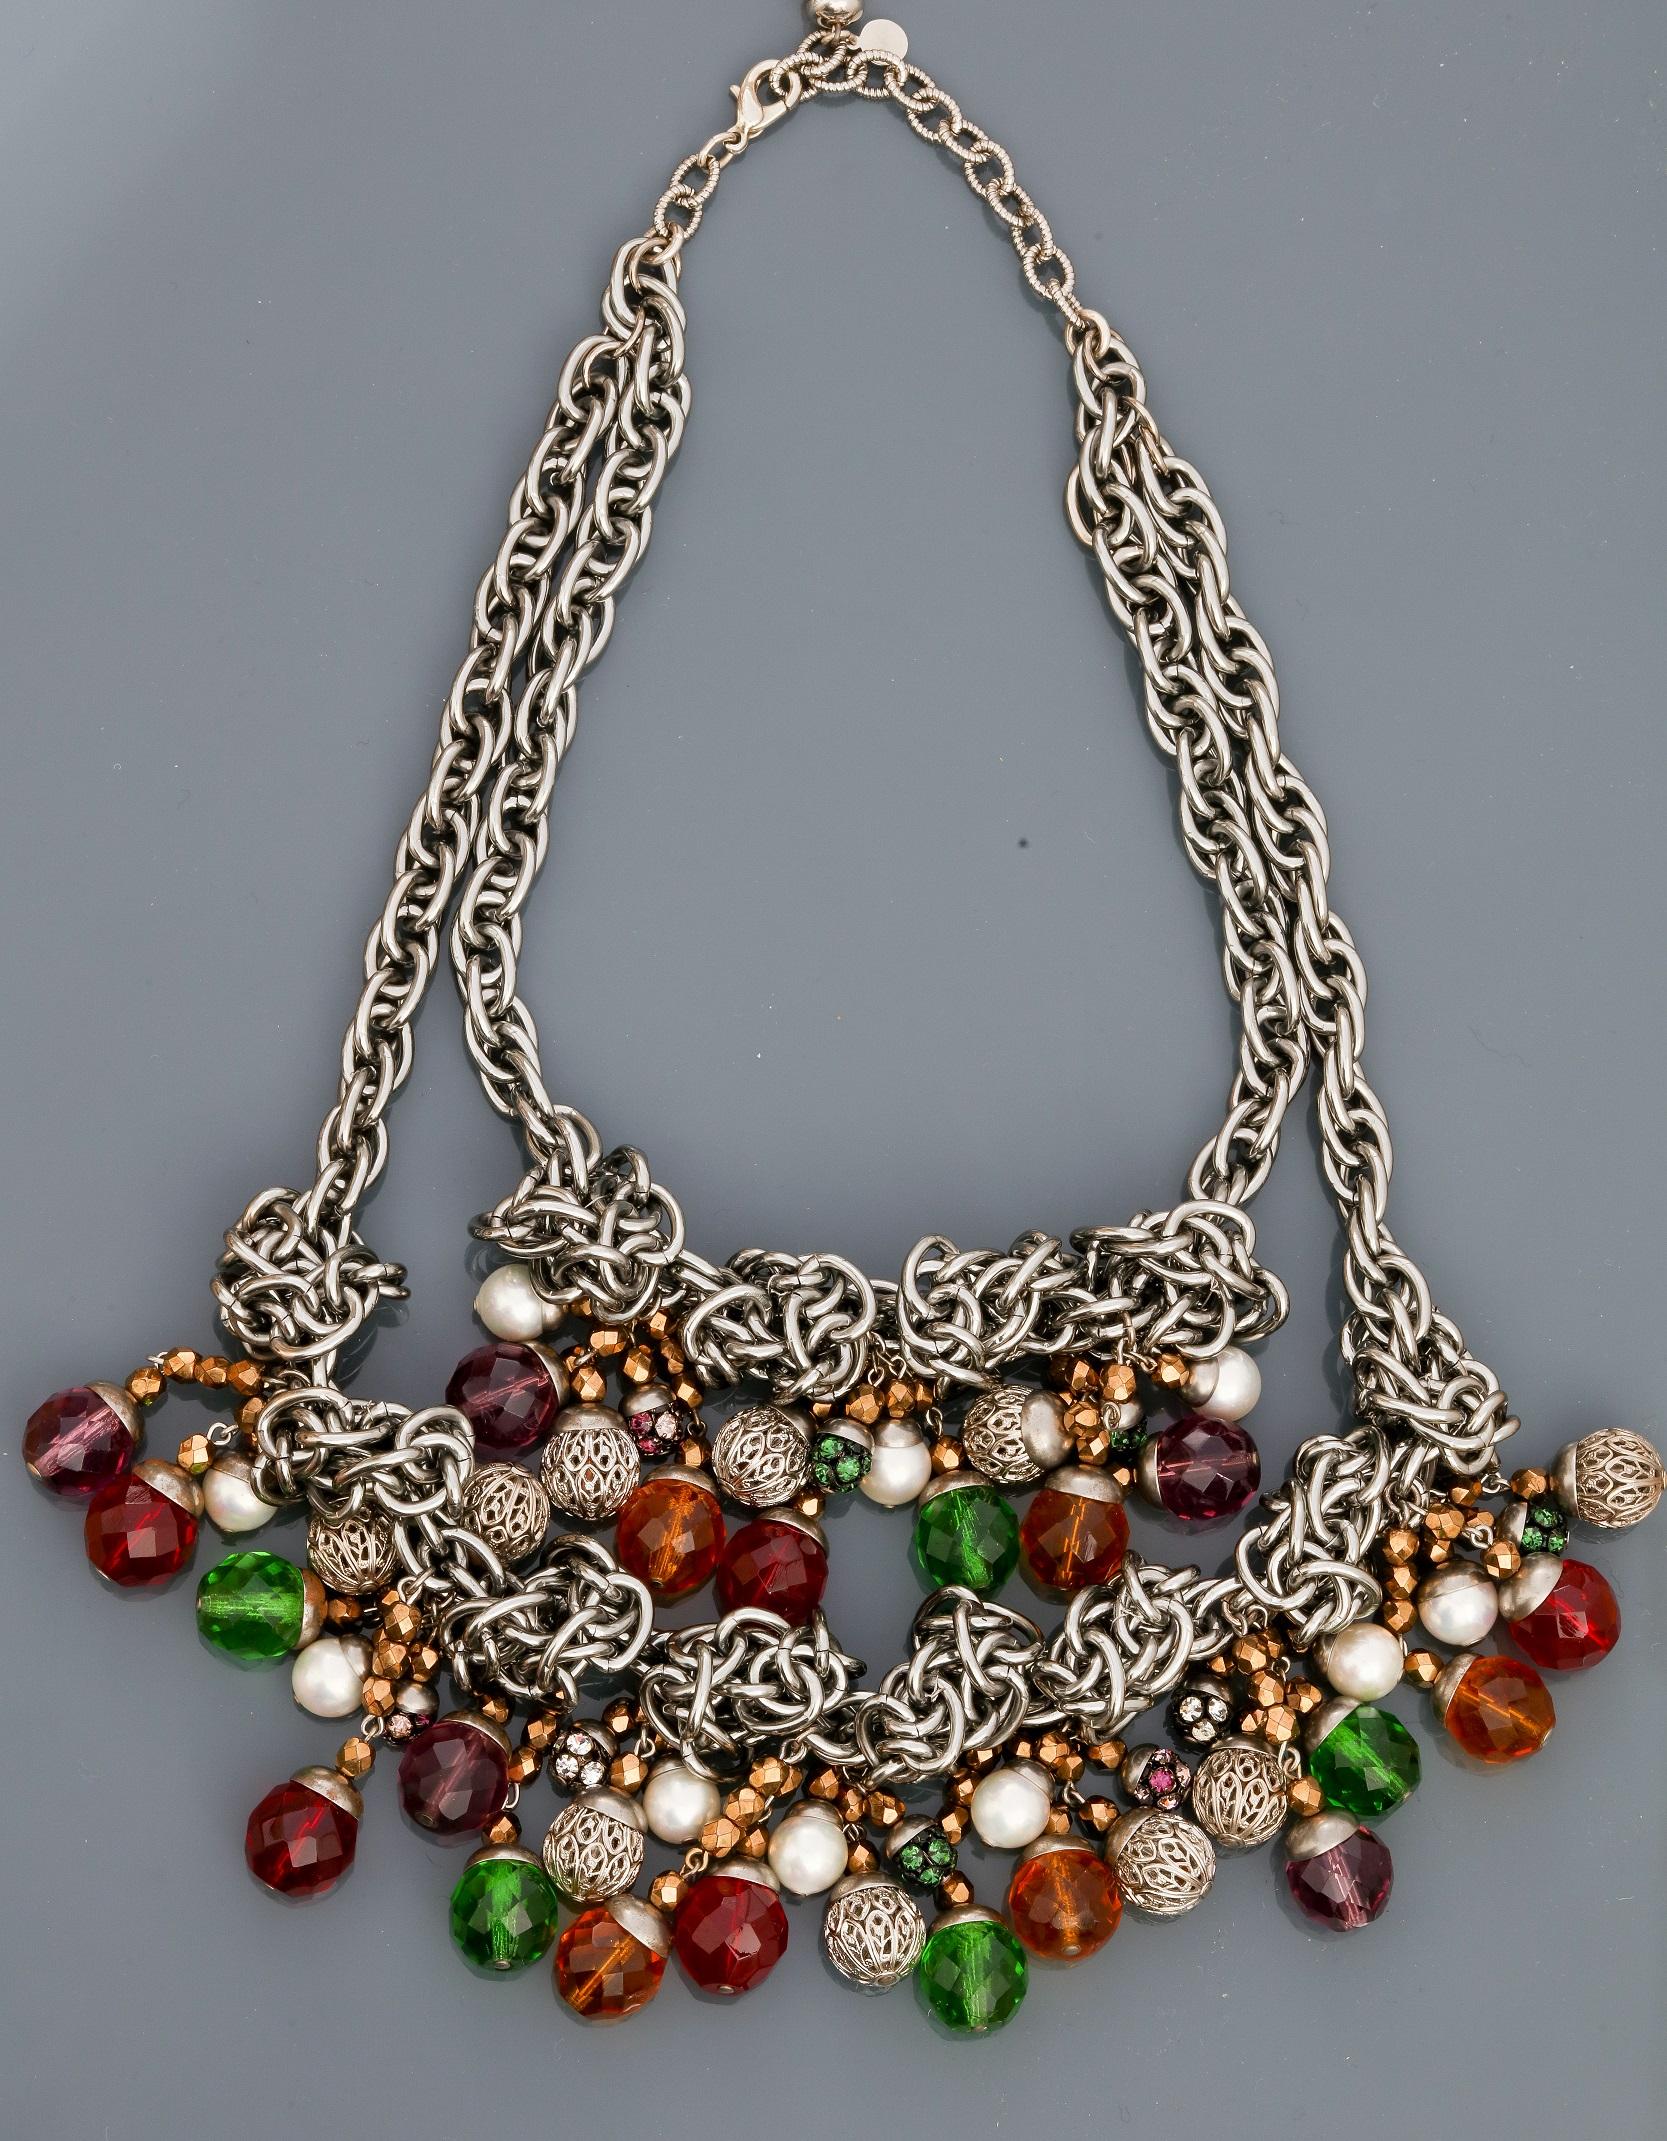 Françoise MONTAGUE, Collier de chaînes en métal rhodié entrelacées portant deux [...]